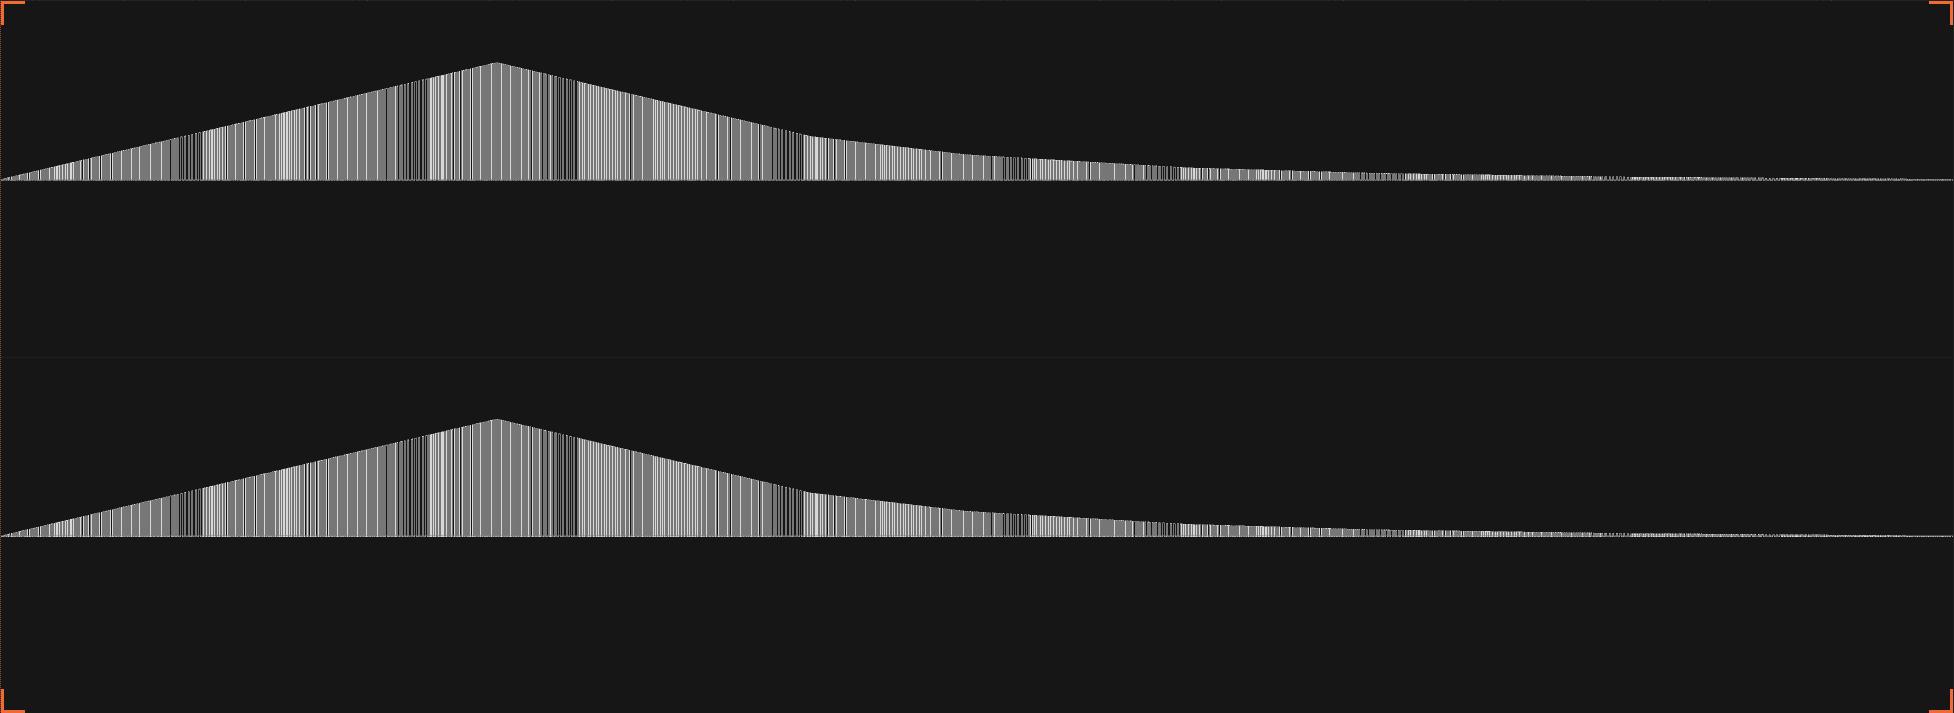 Screenshot 2021-04-05 at 23.42.24